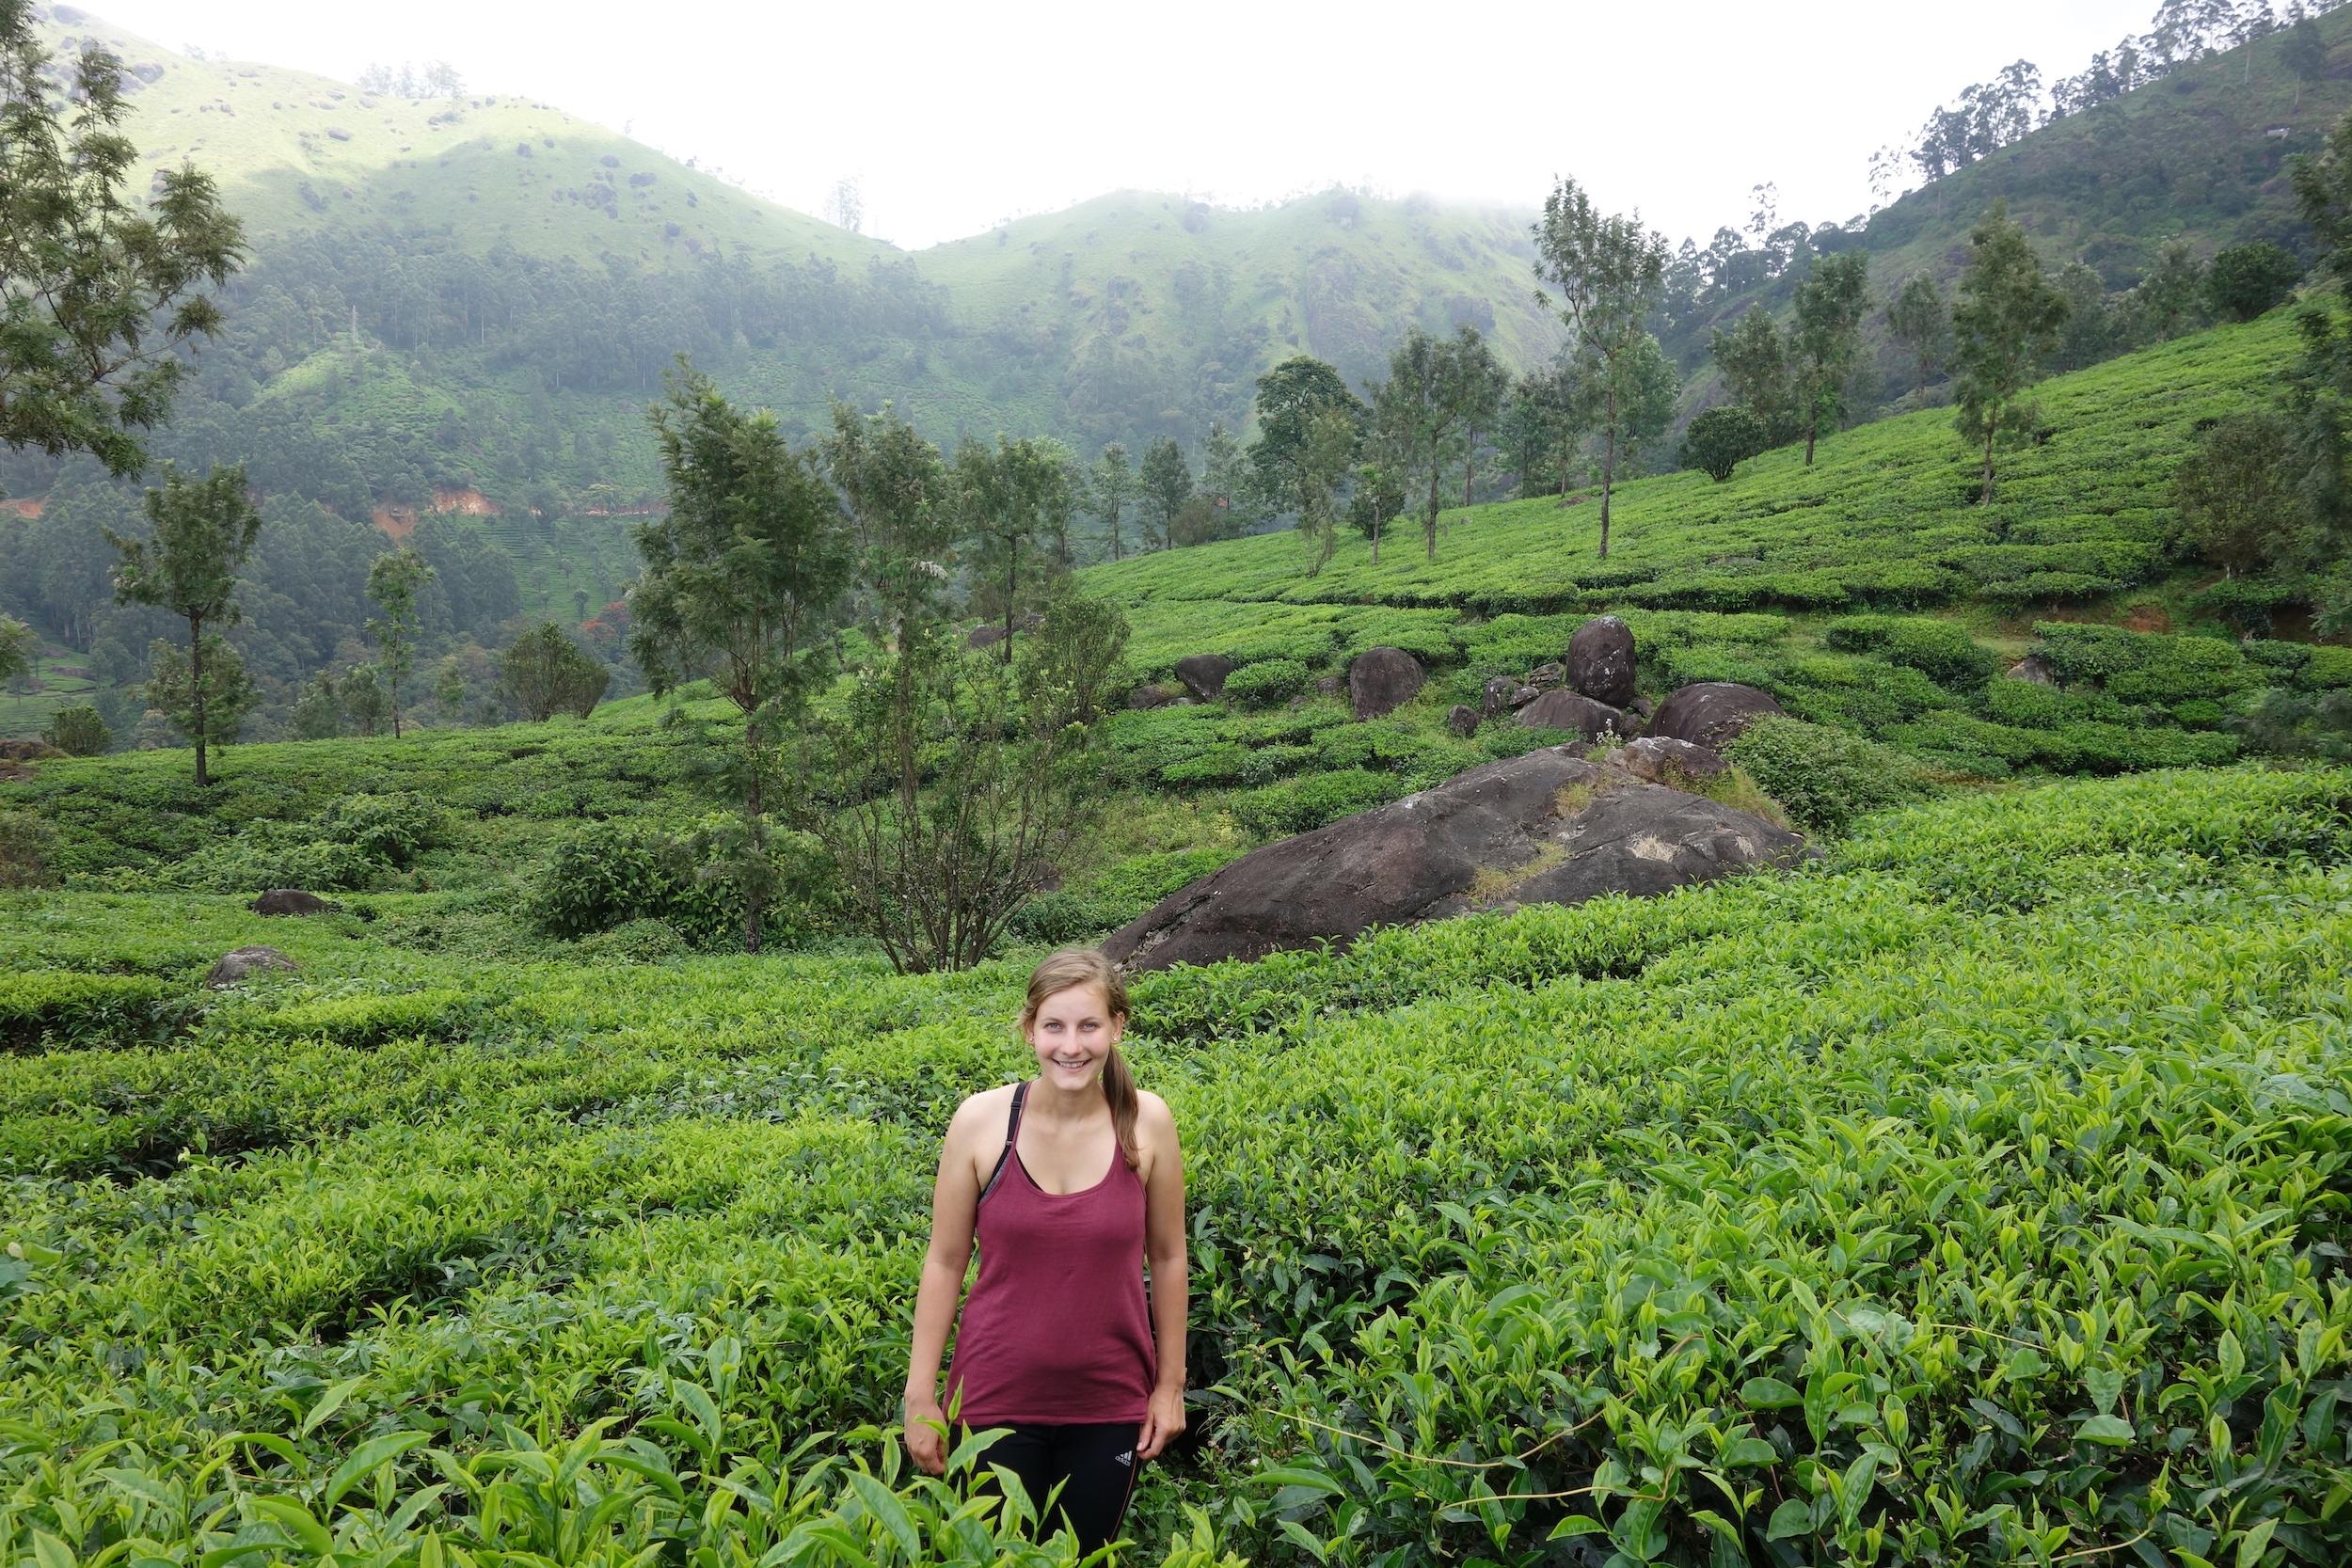 Indien für Aktivreisende: Wenn dir der Himalaya zu viel ist, dann mach doch eine Tageswanderung durch die Teeplantagen.